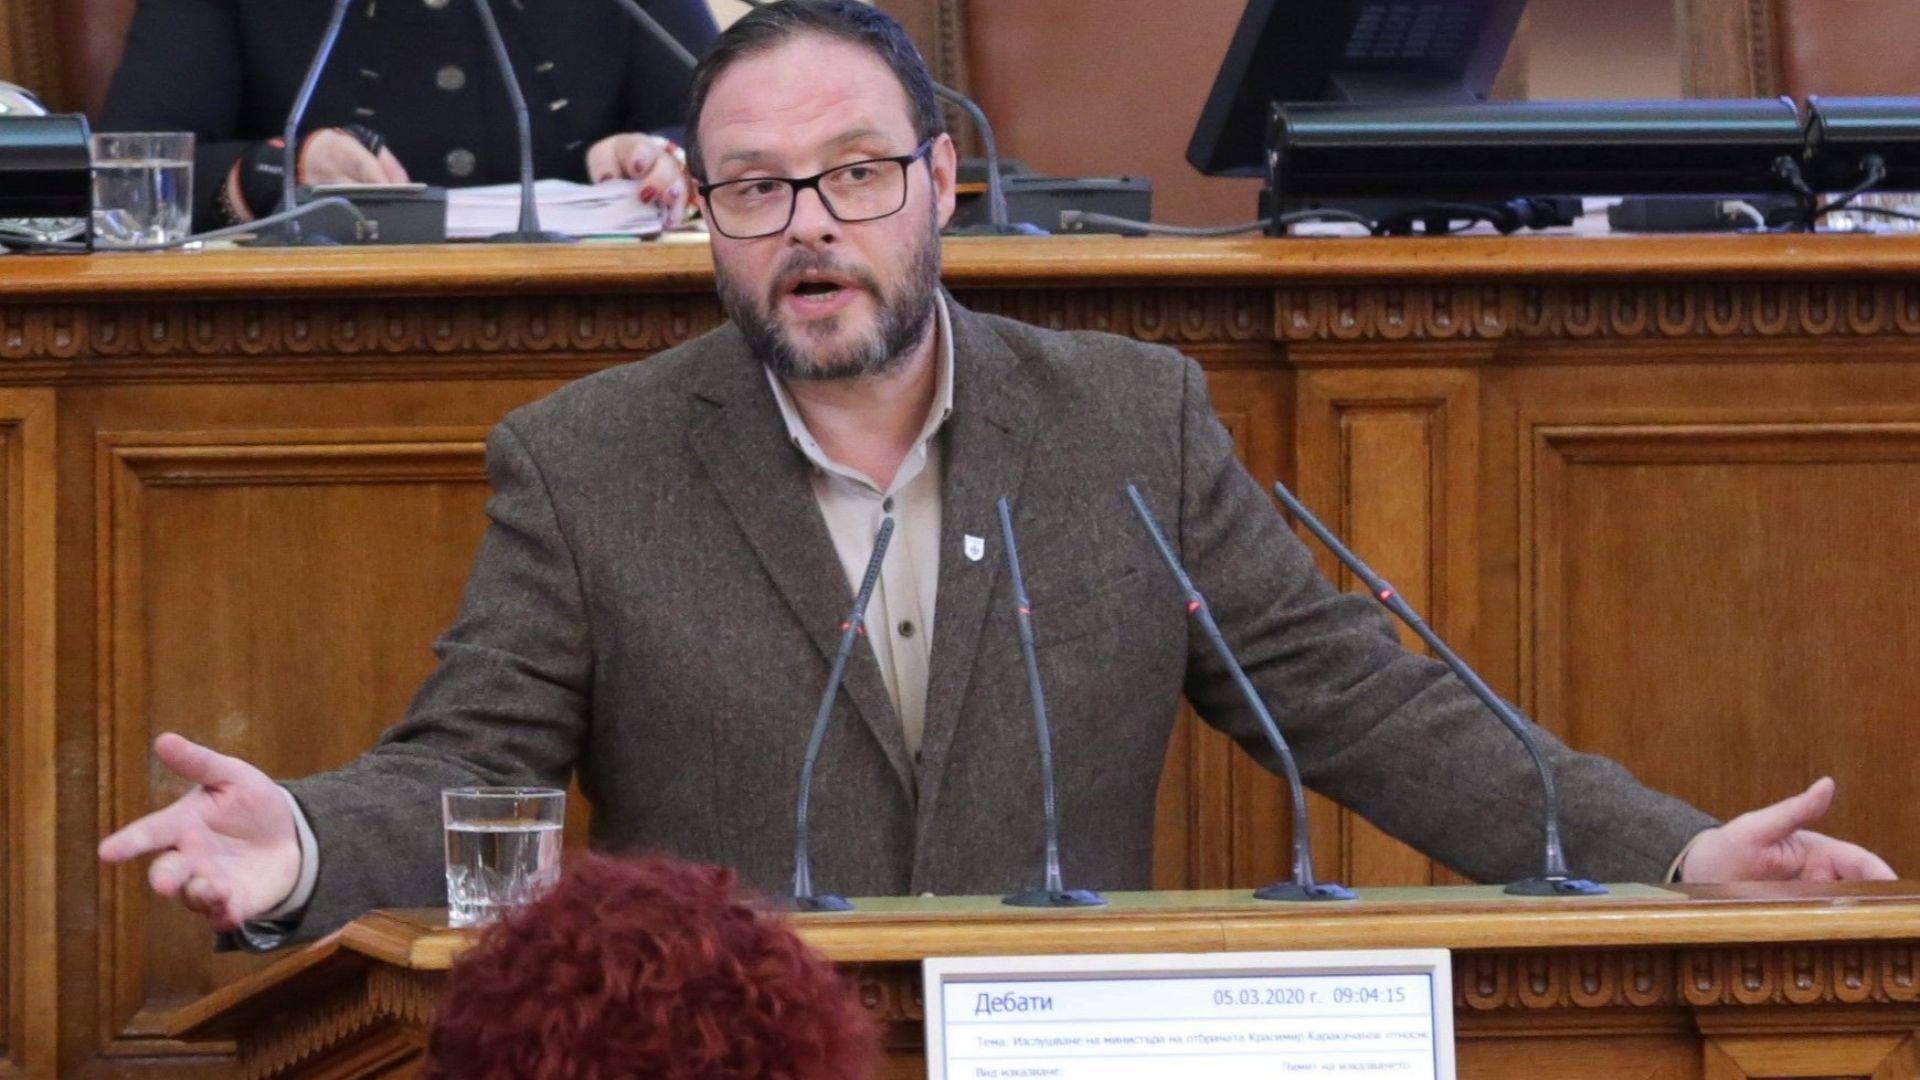 Десислав Чуколов, депутат от Атака